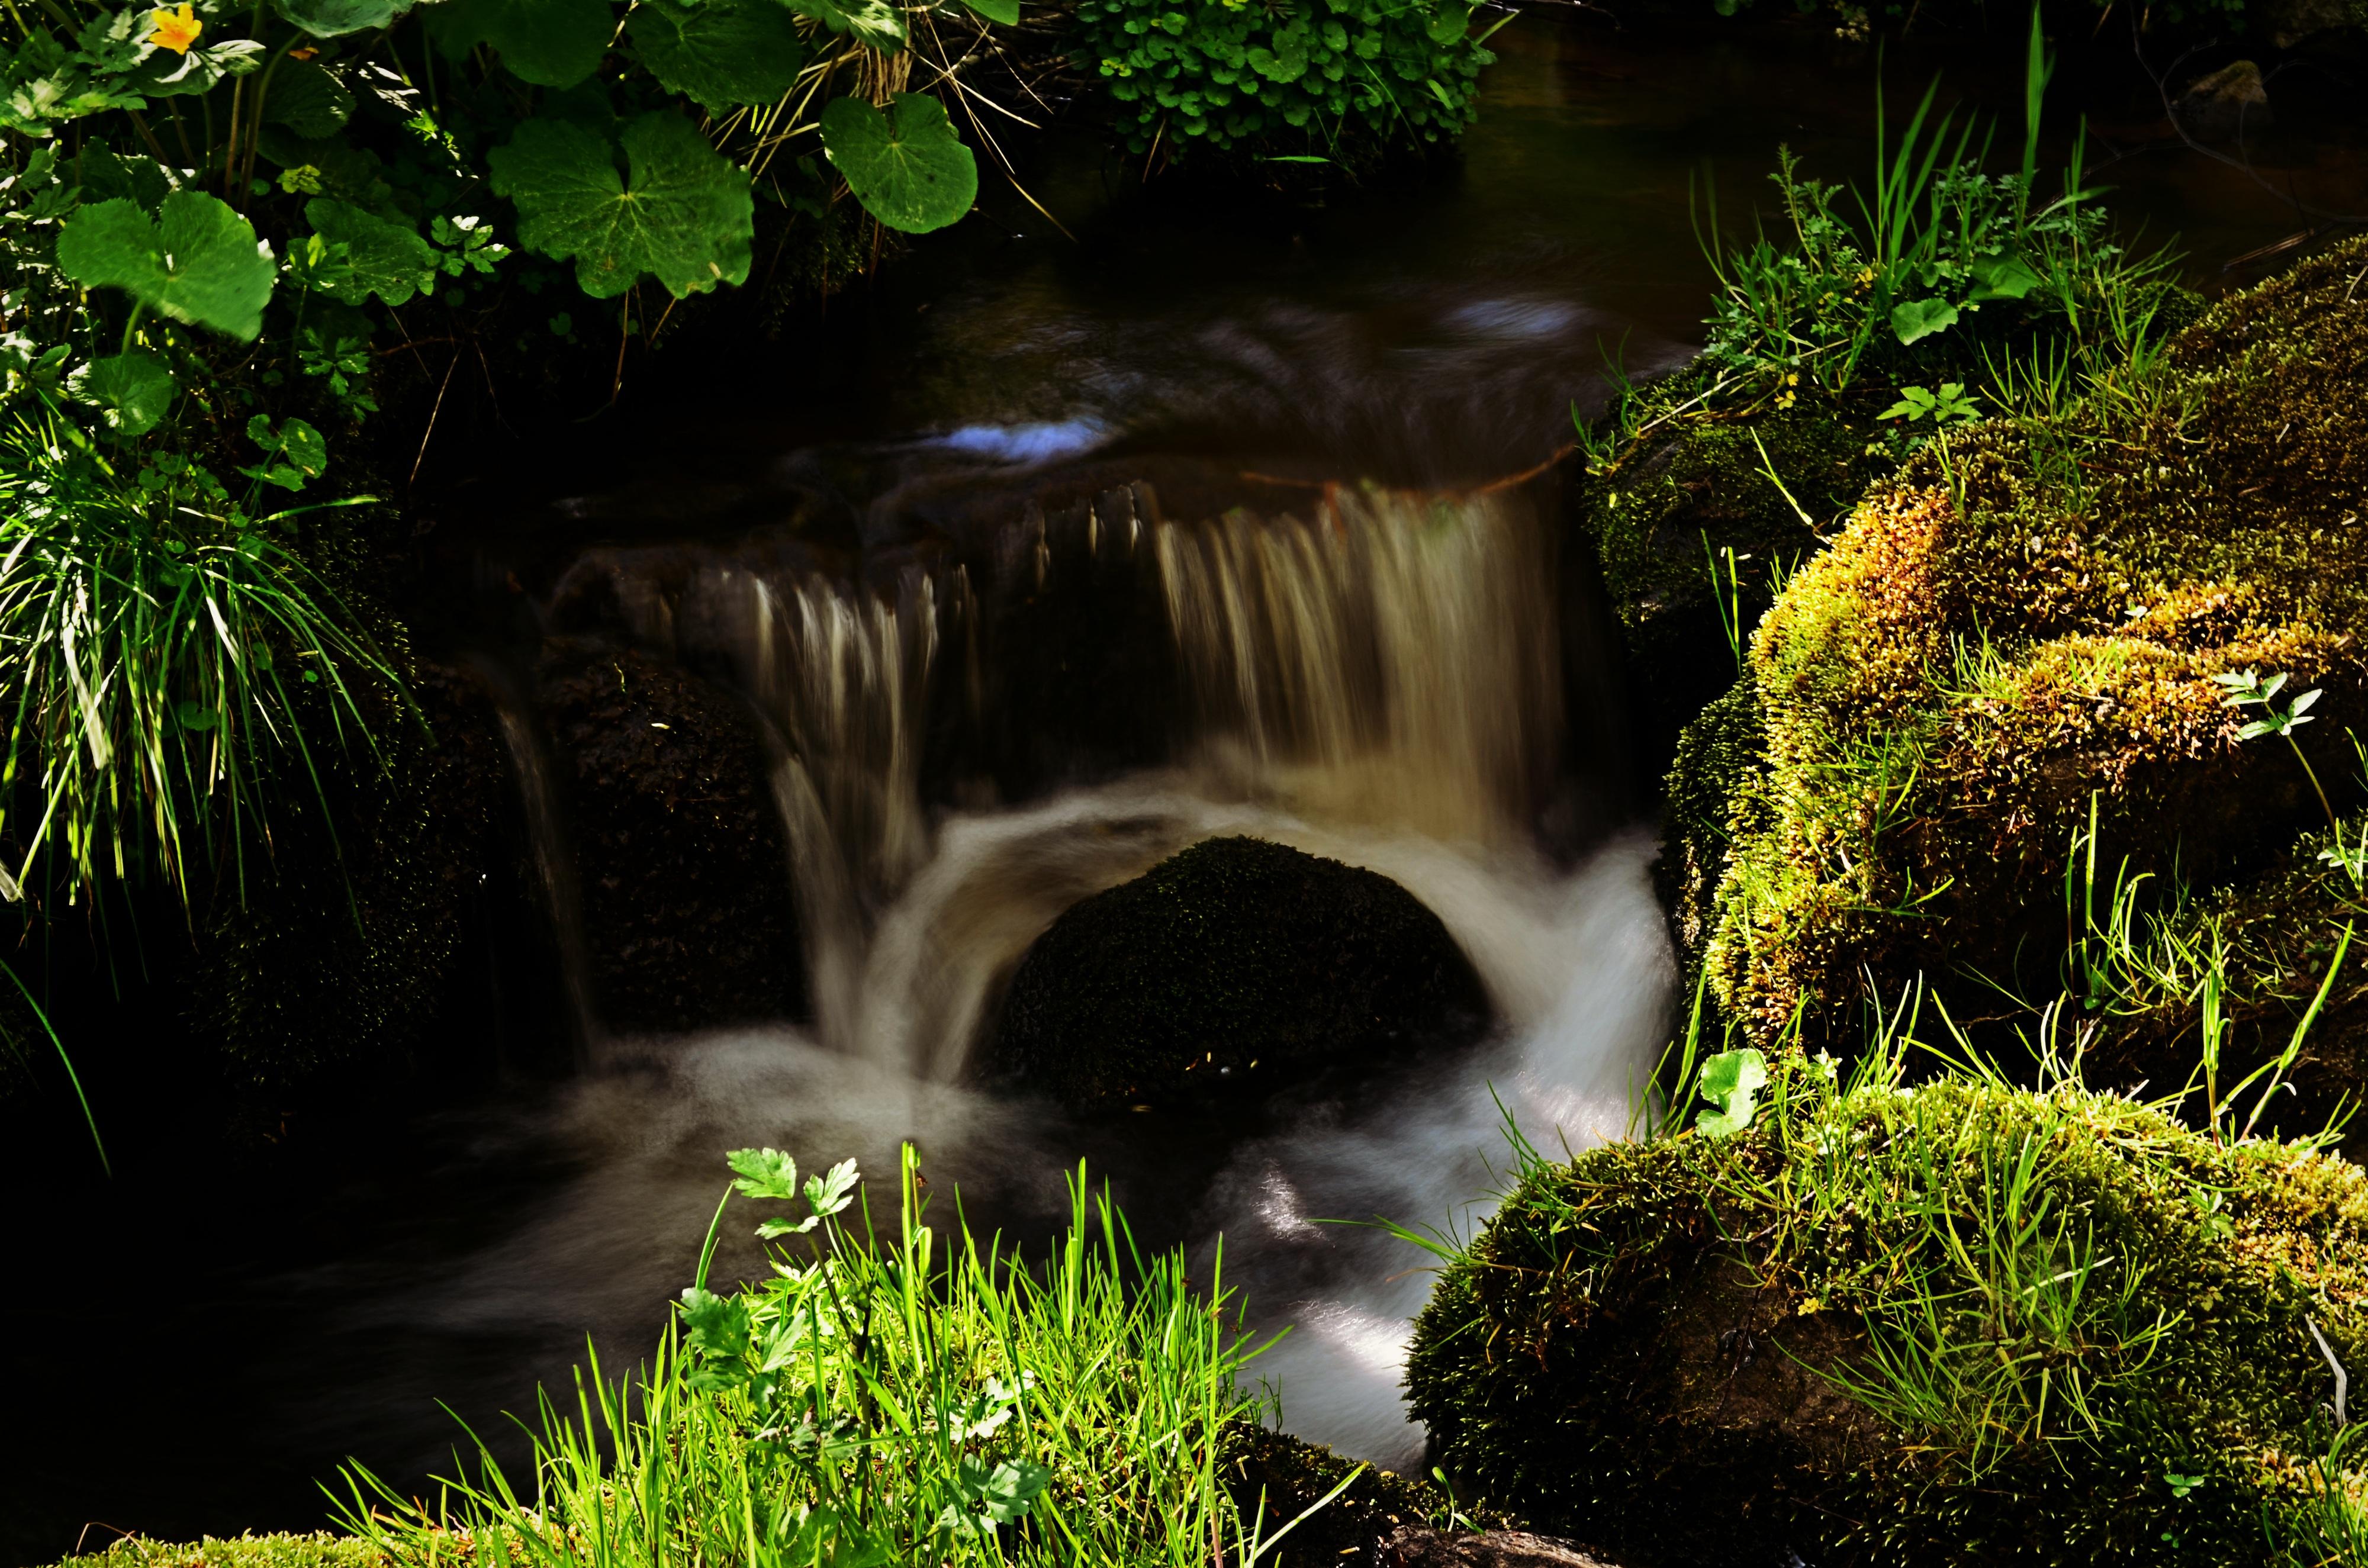 images gratuites arbre eau la nature herbe roche cascade plante lumi re du soleil. Black Bedroom Furniture Sets. Home Design Ideas